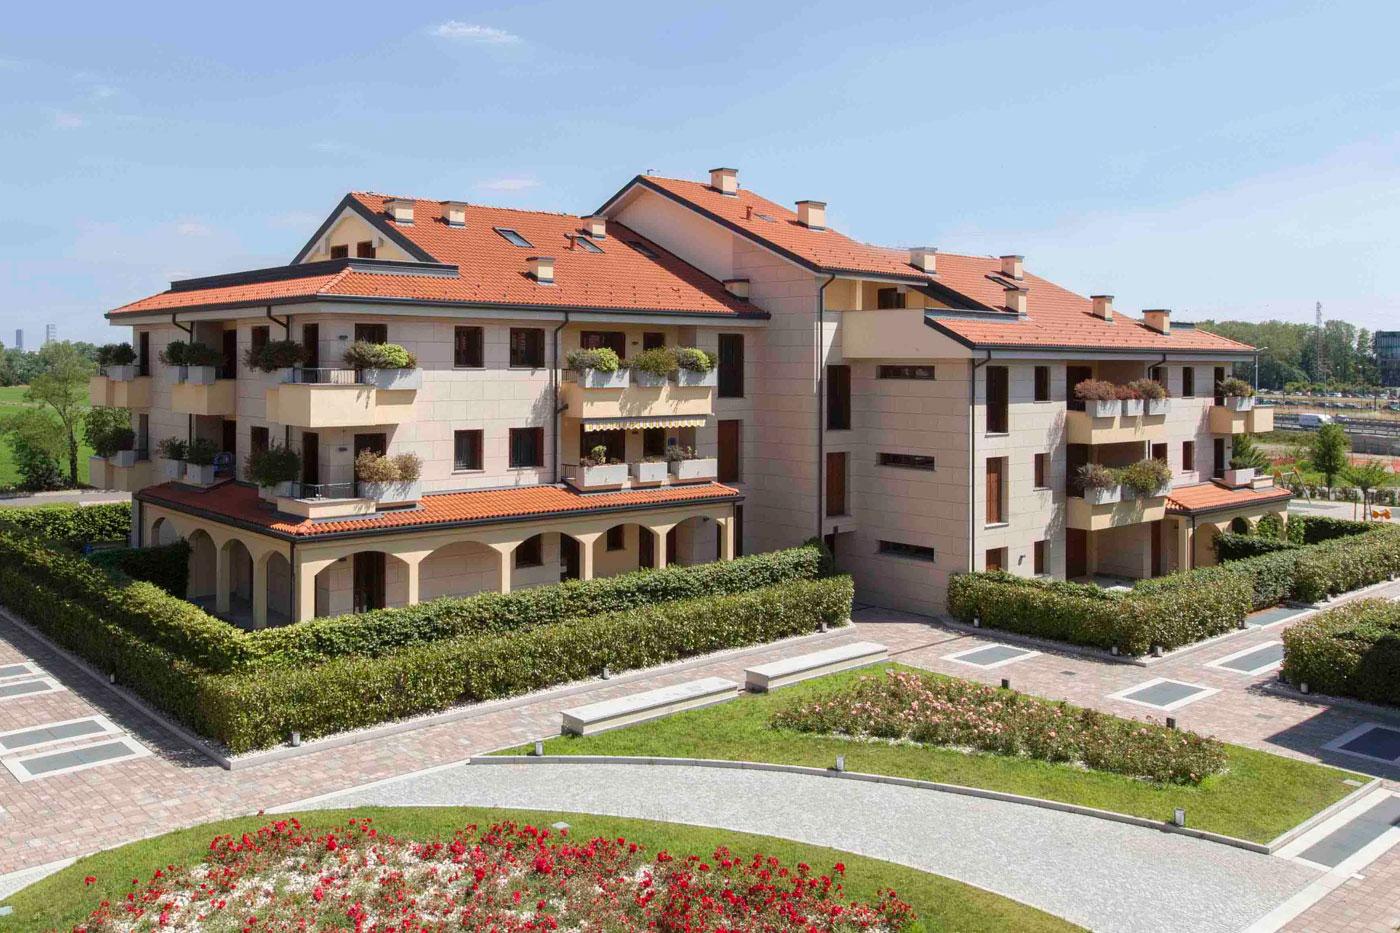 Cerchi Casa a Milano? Come scegliere tra soluzione più adatta a te.